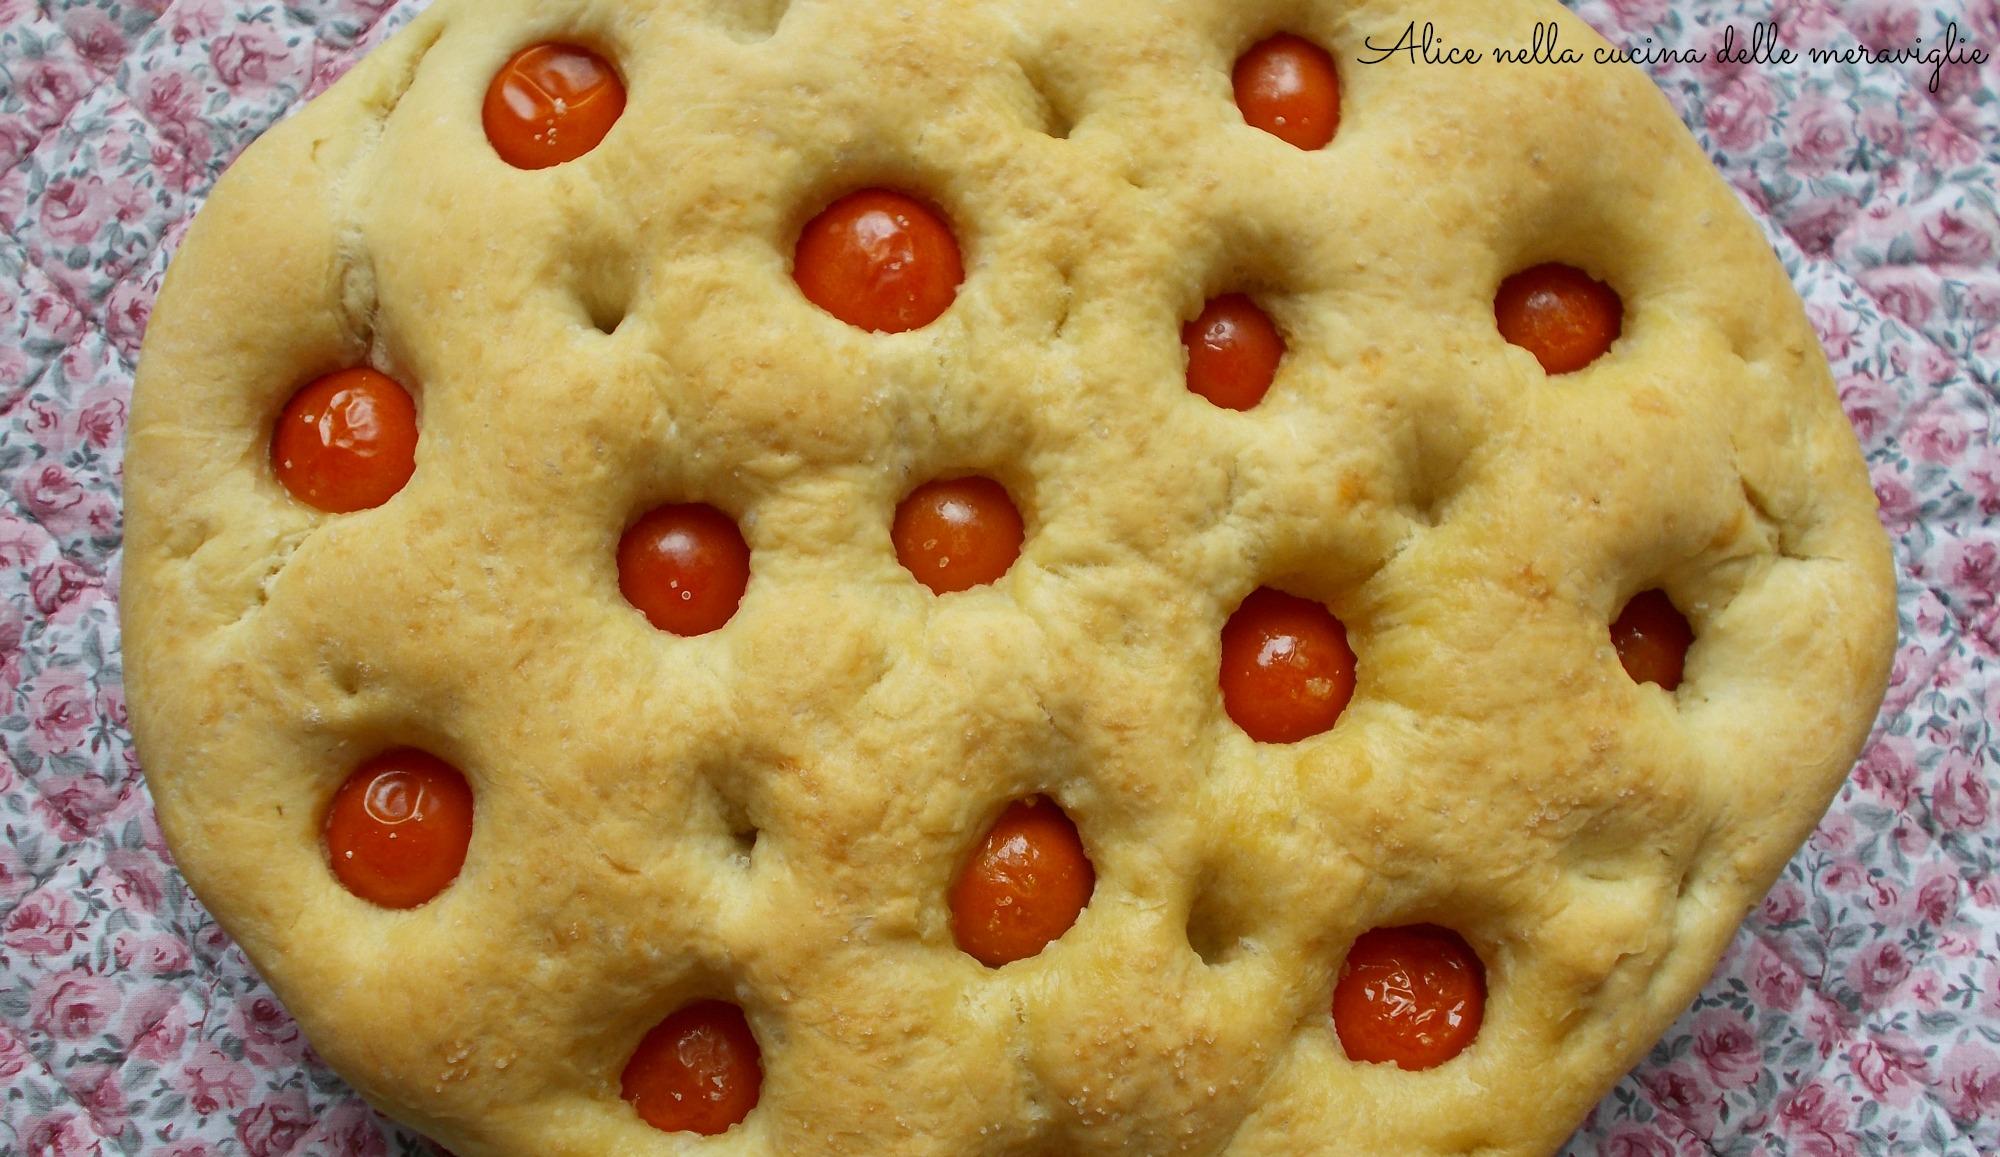 Panfocaccia ai pomodorini Ricetta lievitato salato Alice nella cucina delle meraviglie